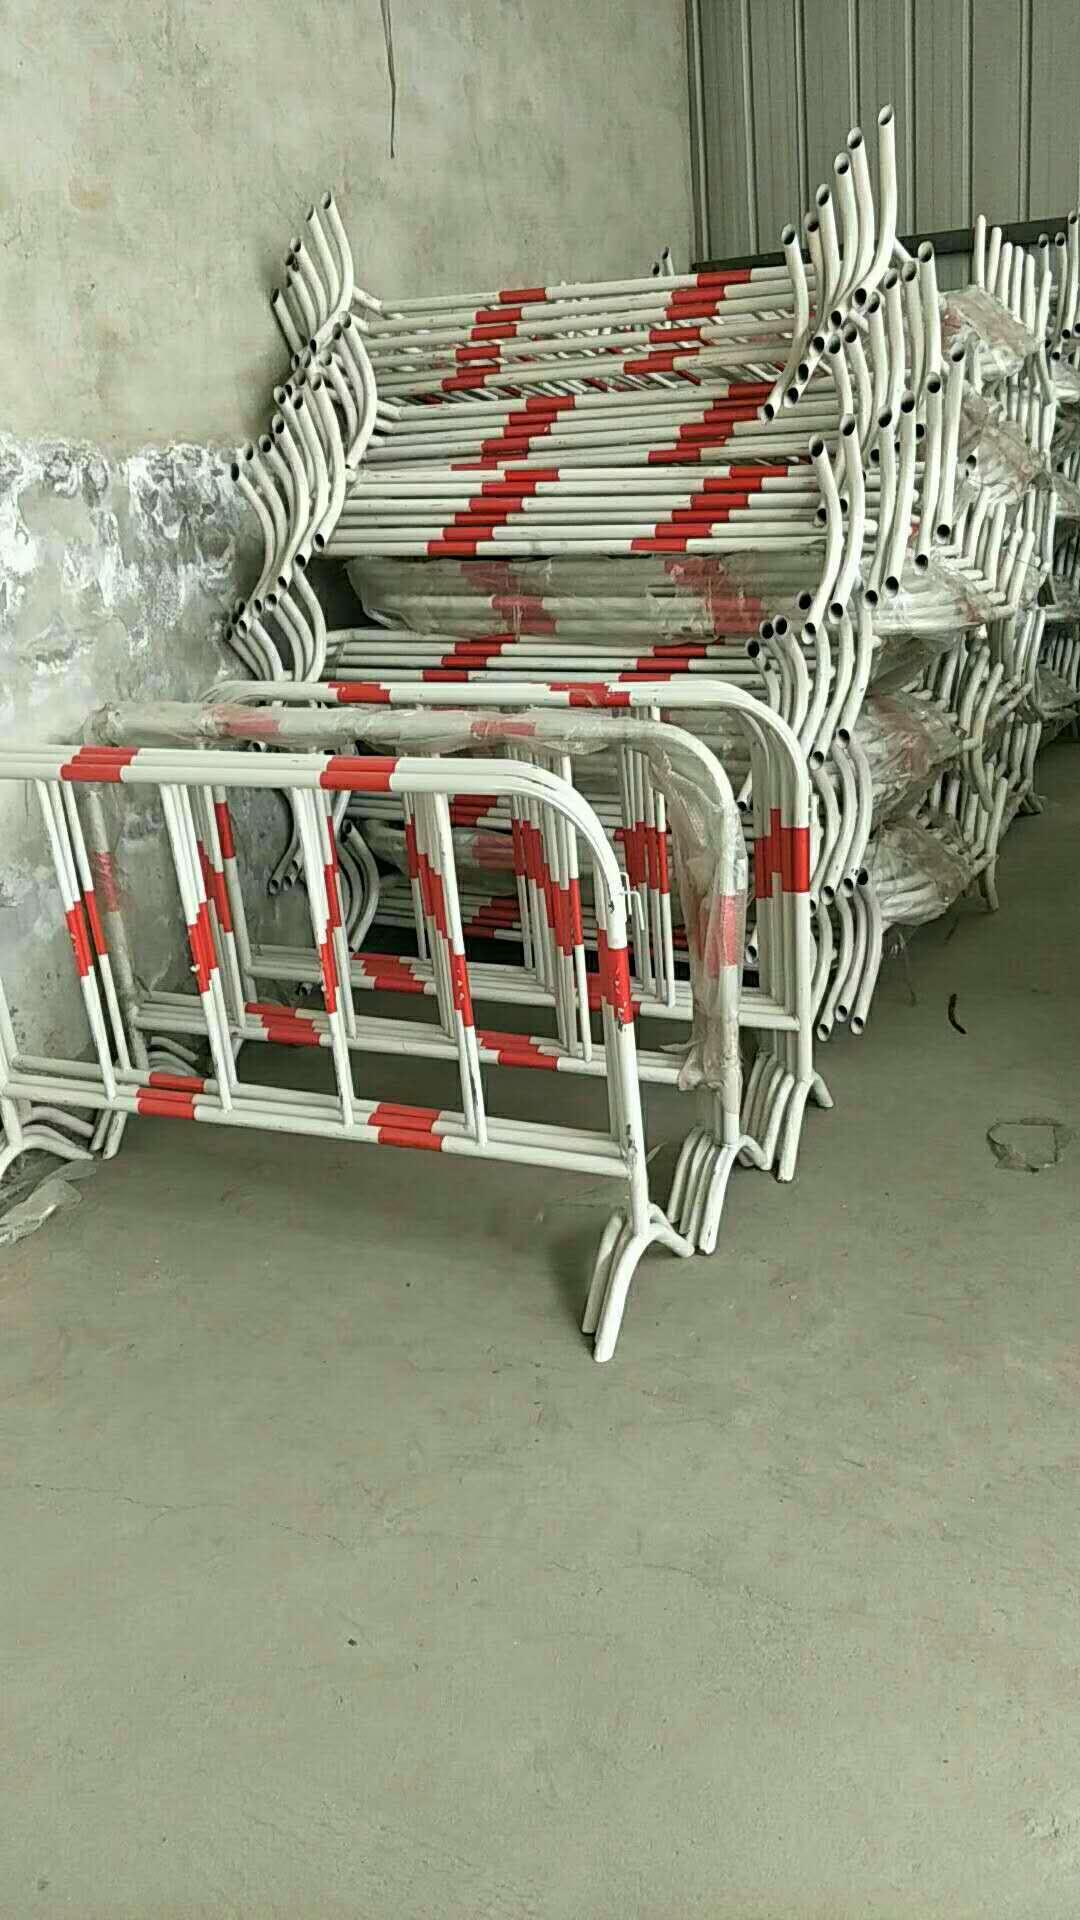 铁马挪动护栏-供给兰州及格的铁马护栏